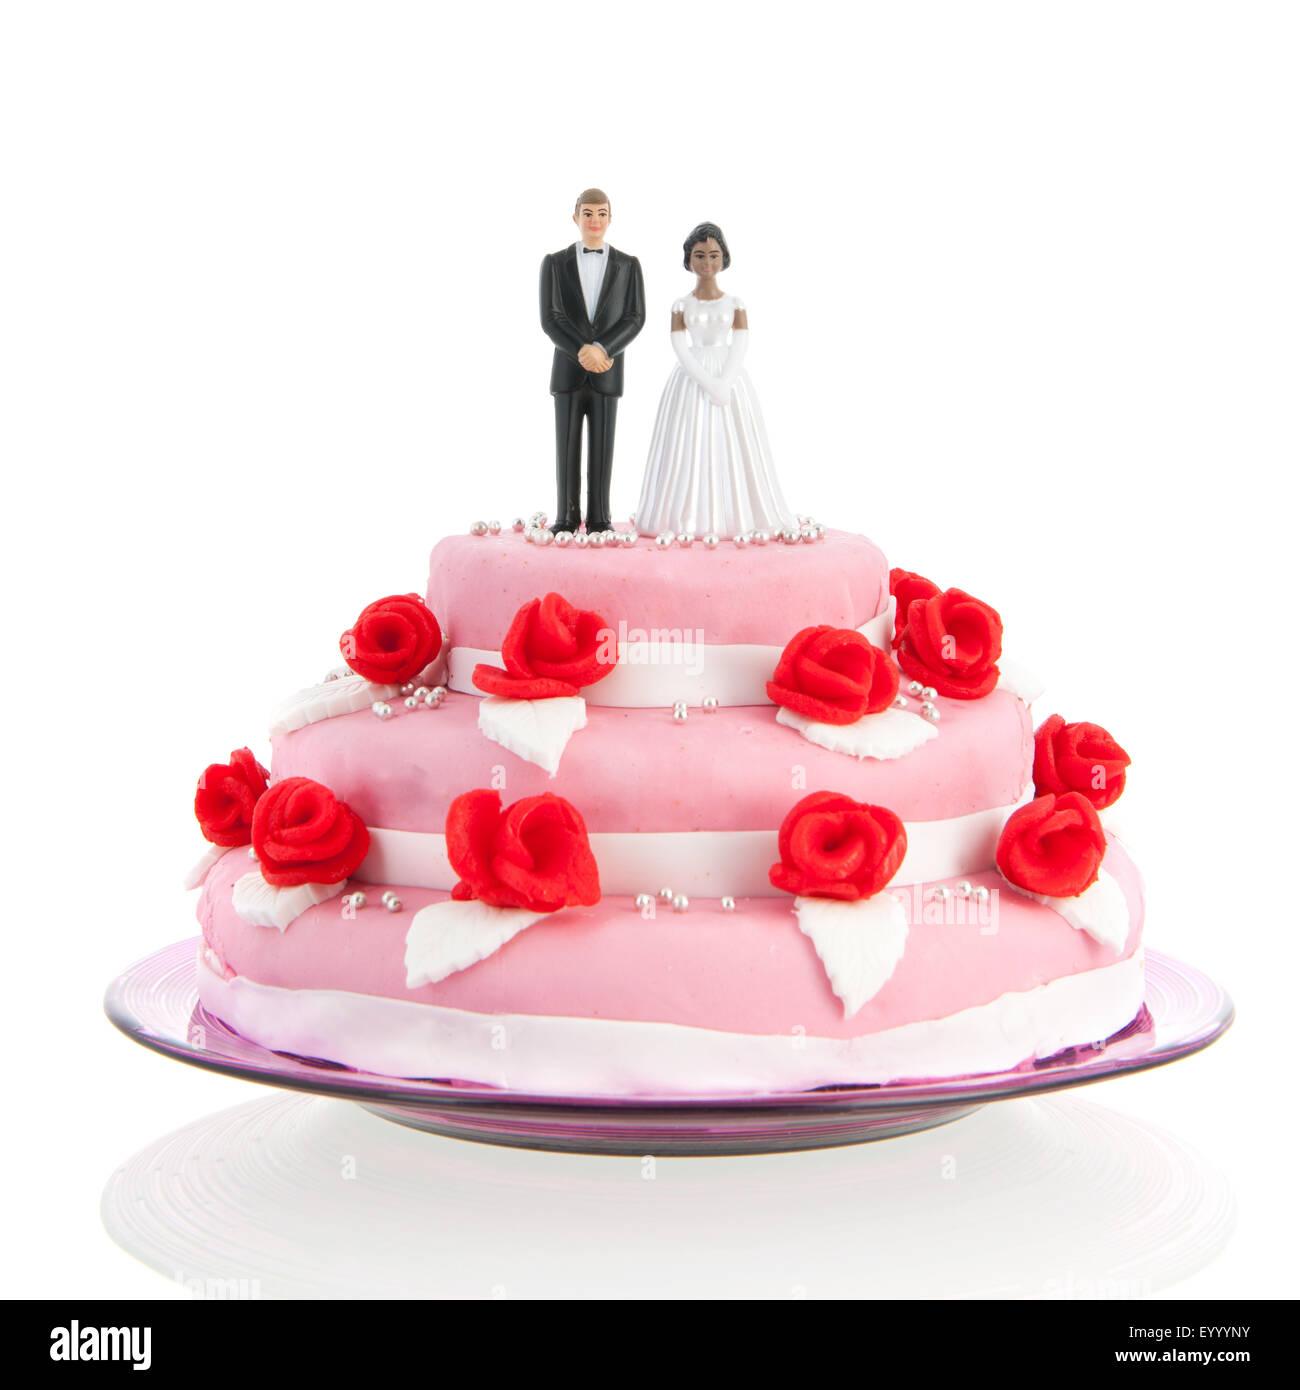 Figures On Wedding Cake Stock Photos & Figures On Wedding Cake Stock ...